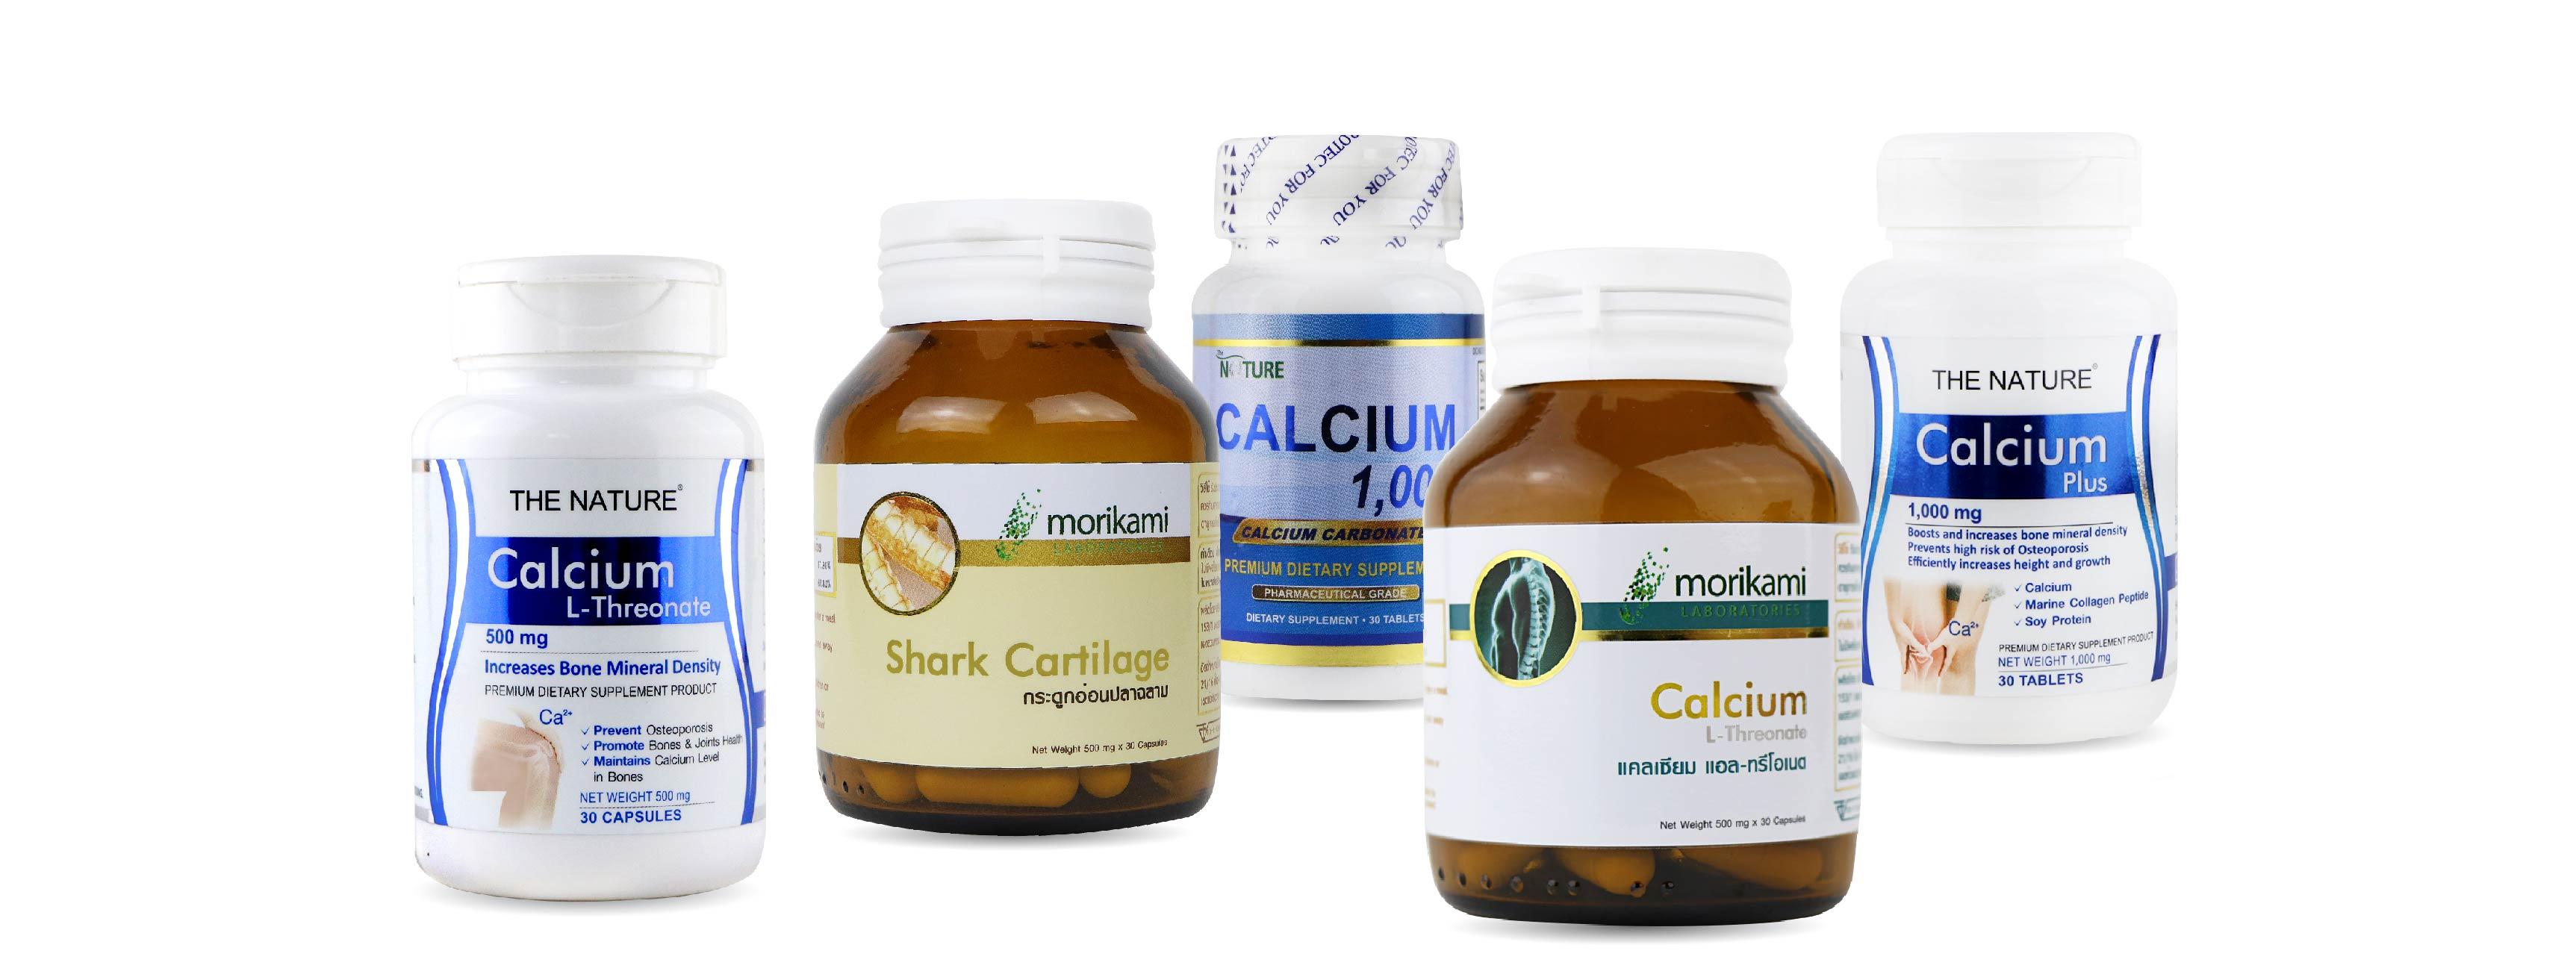 ขายส่งแคลเซียม-แคลเซียมขายส่ง-Calcium-ราคาส่ง